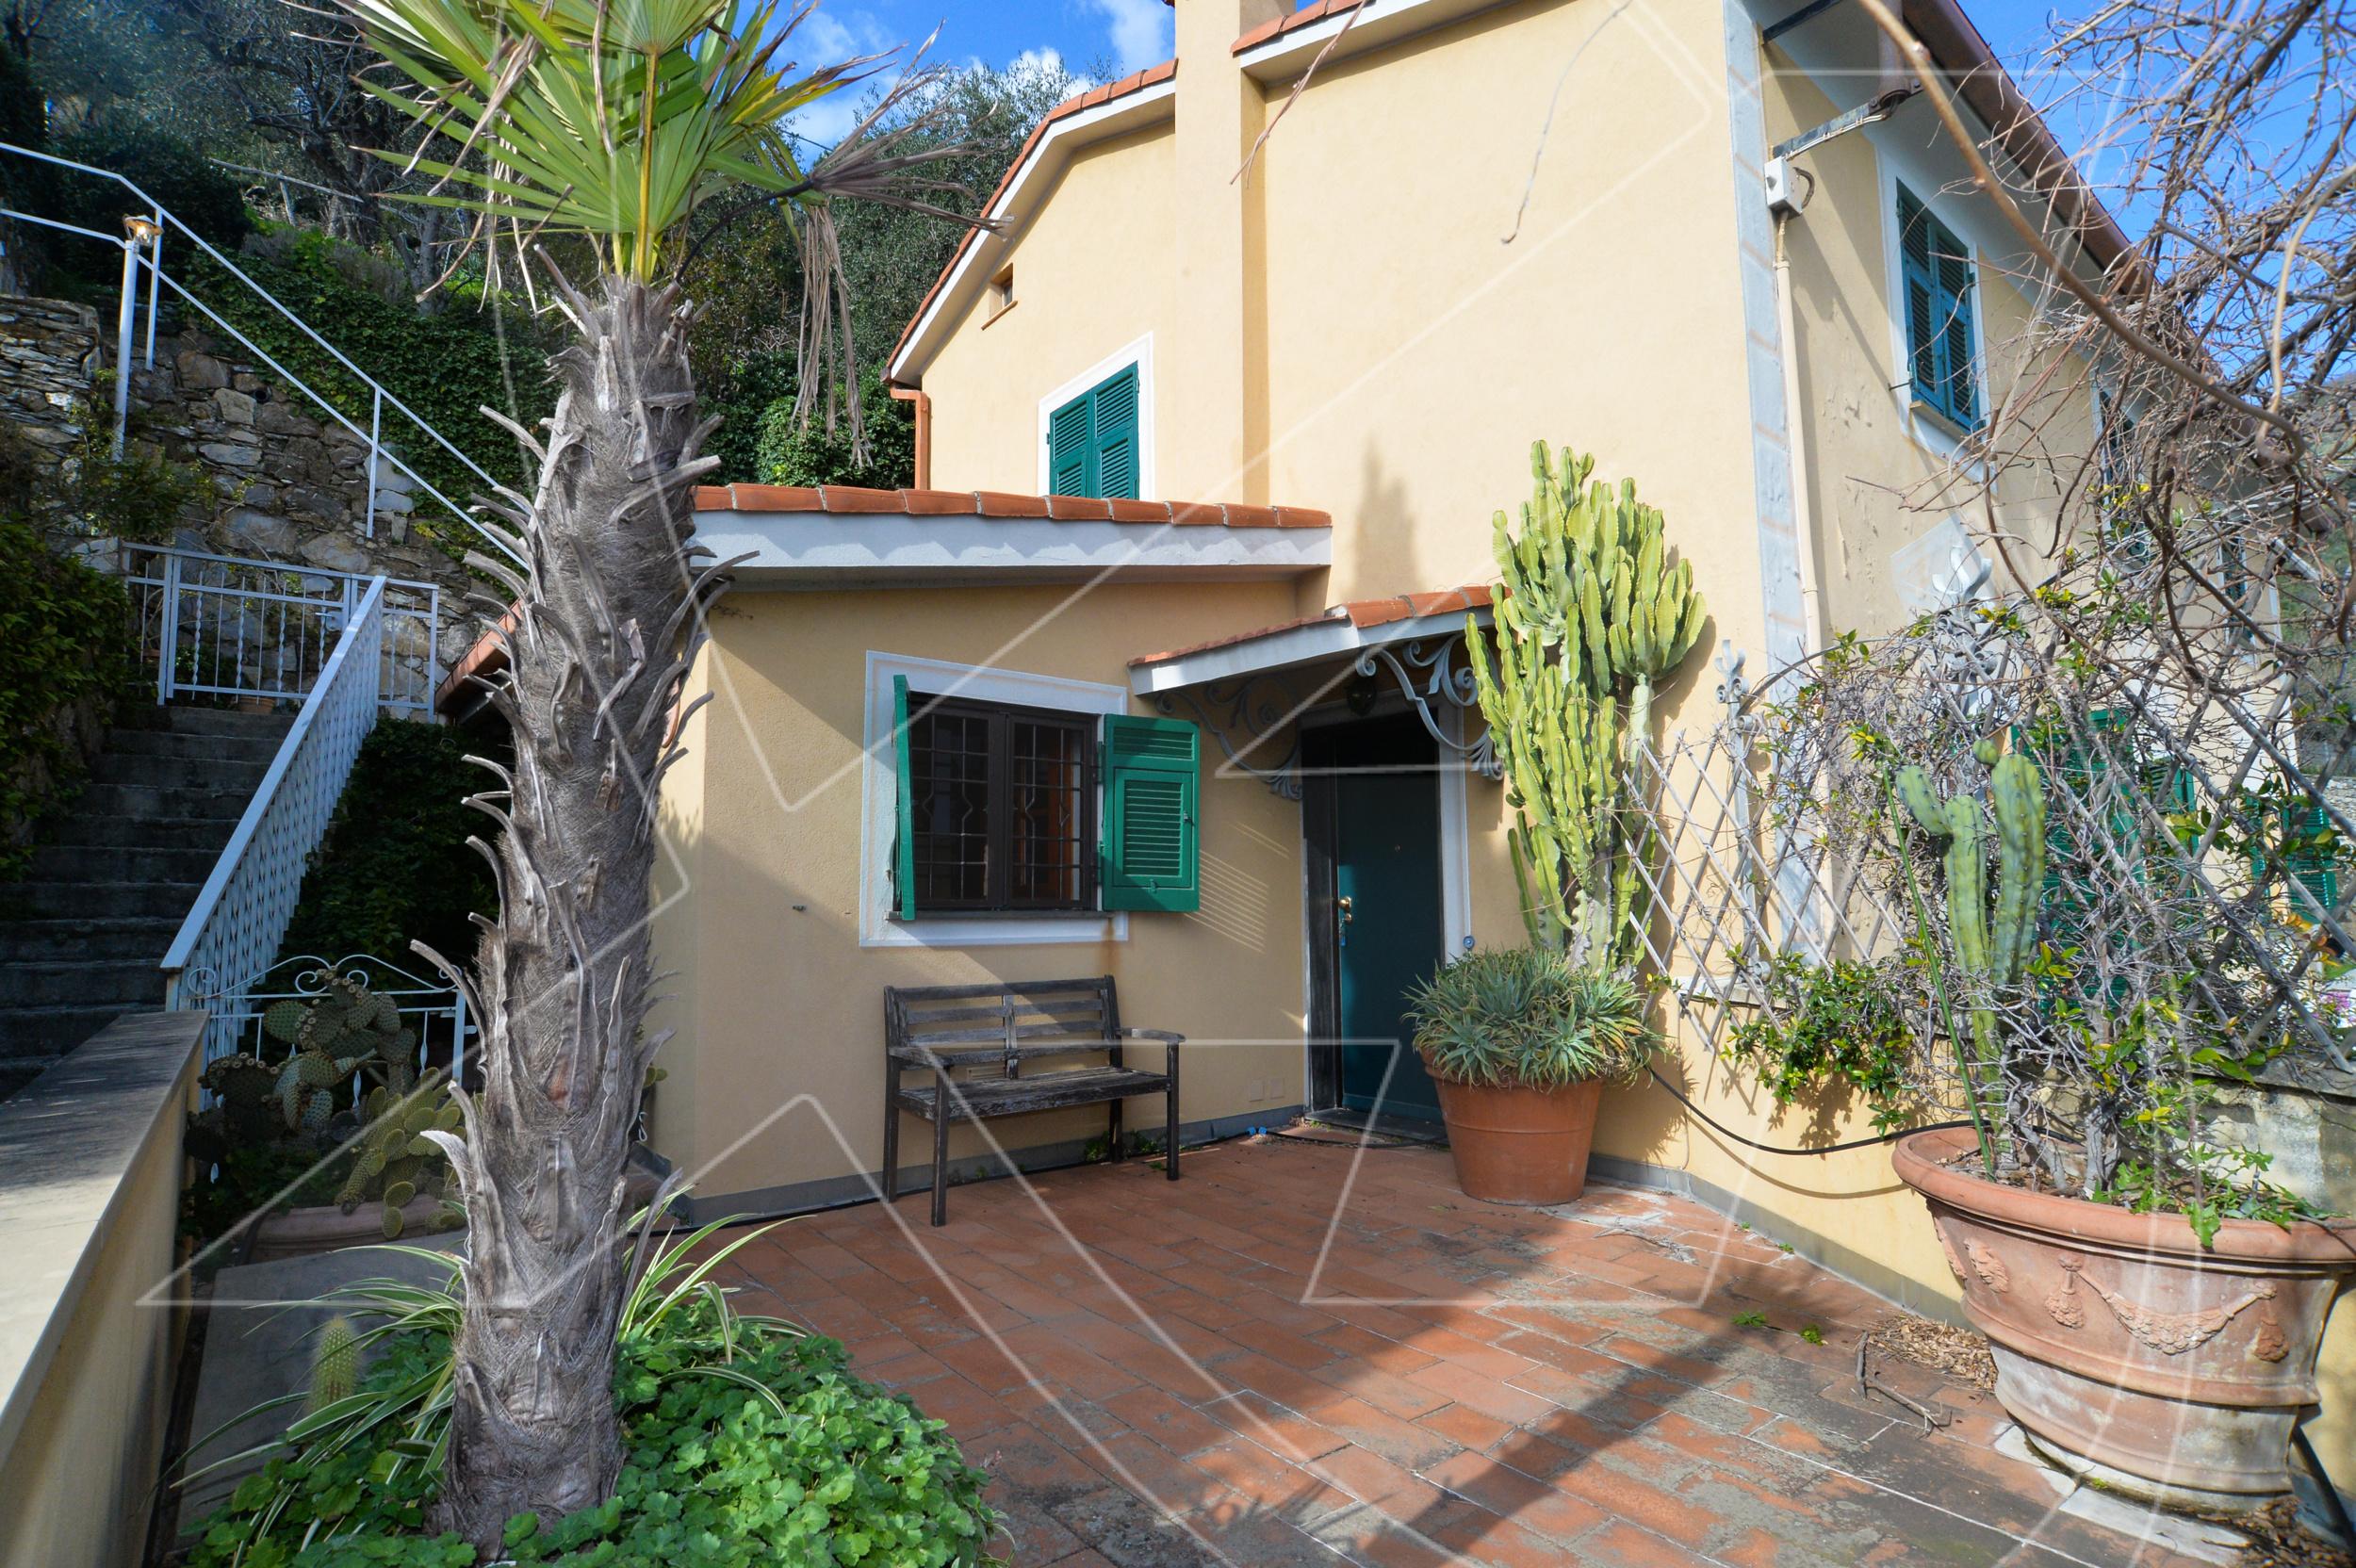 Zoagli scogliera affitto appartamento vista mare con box terrazza e giardino tigullio affitti - Affitto casa con giardino ...